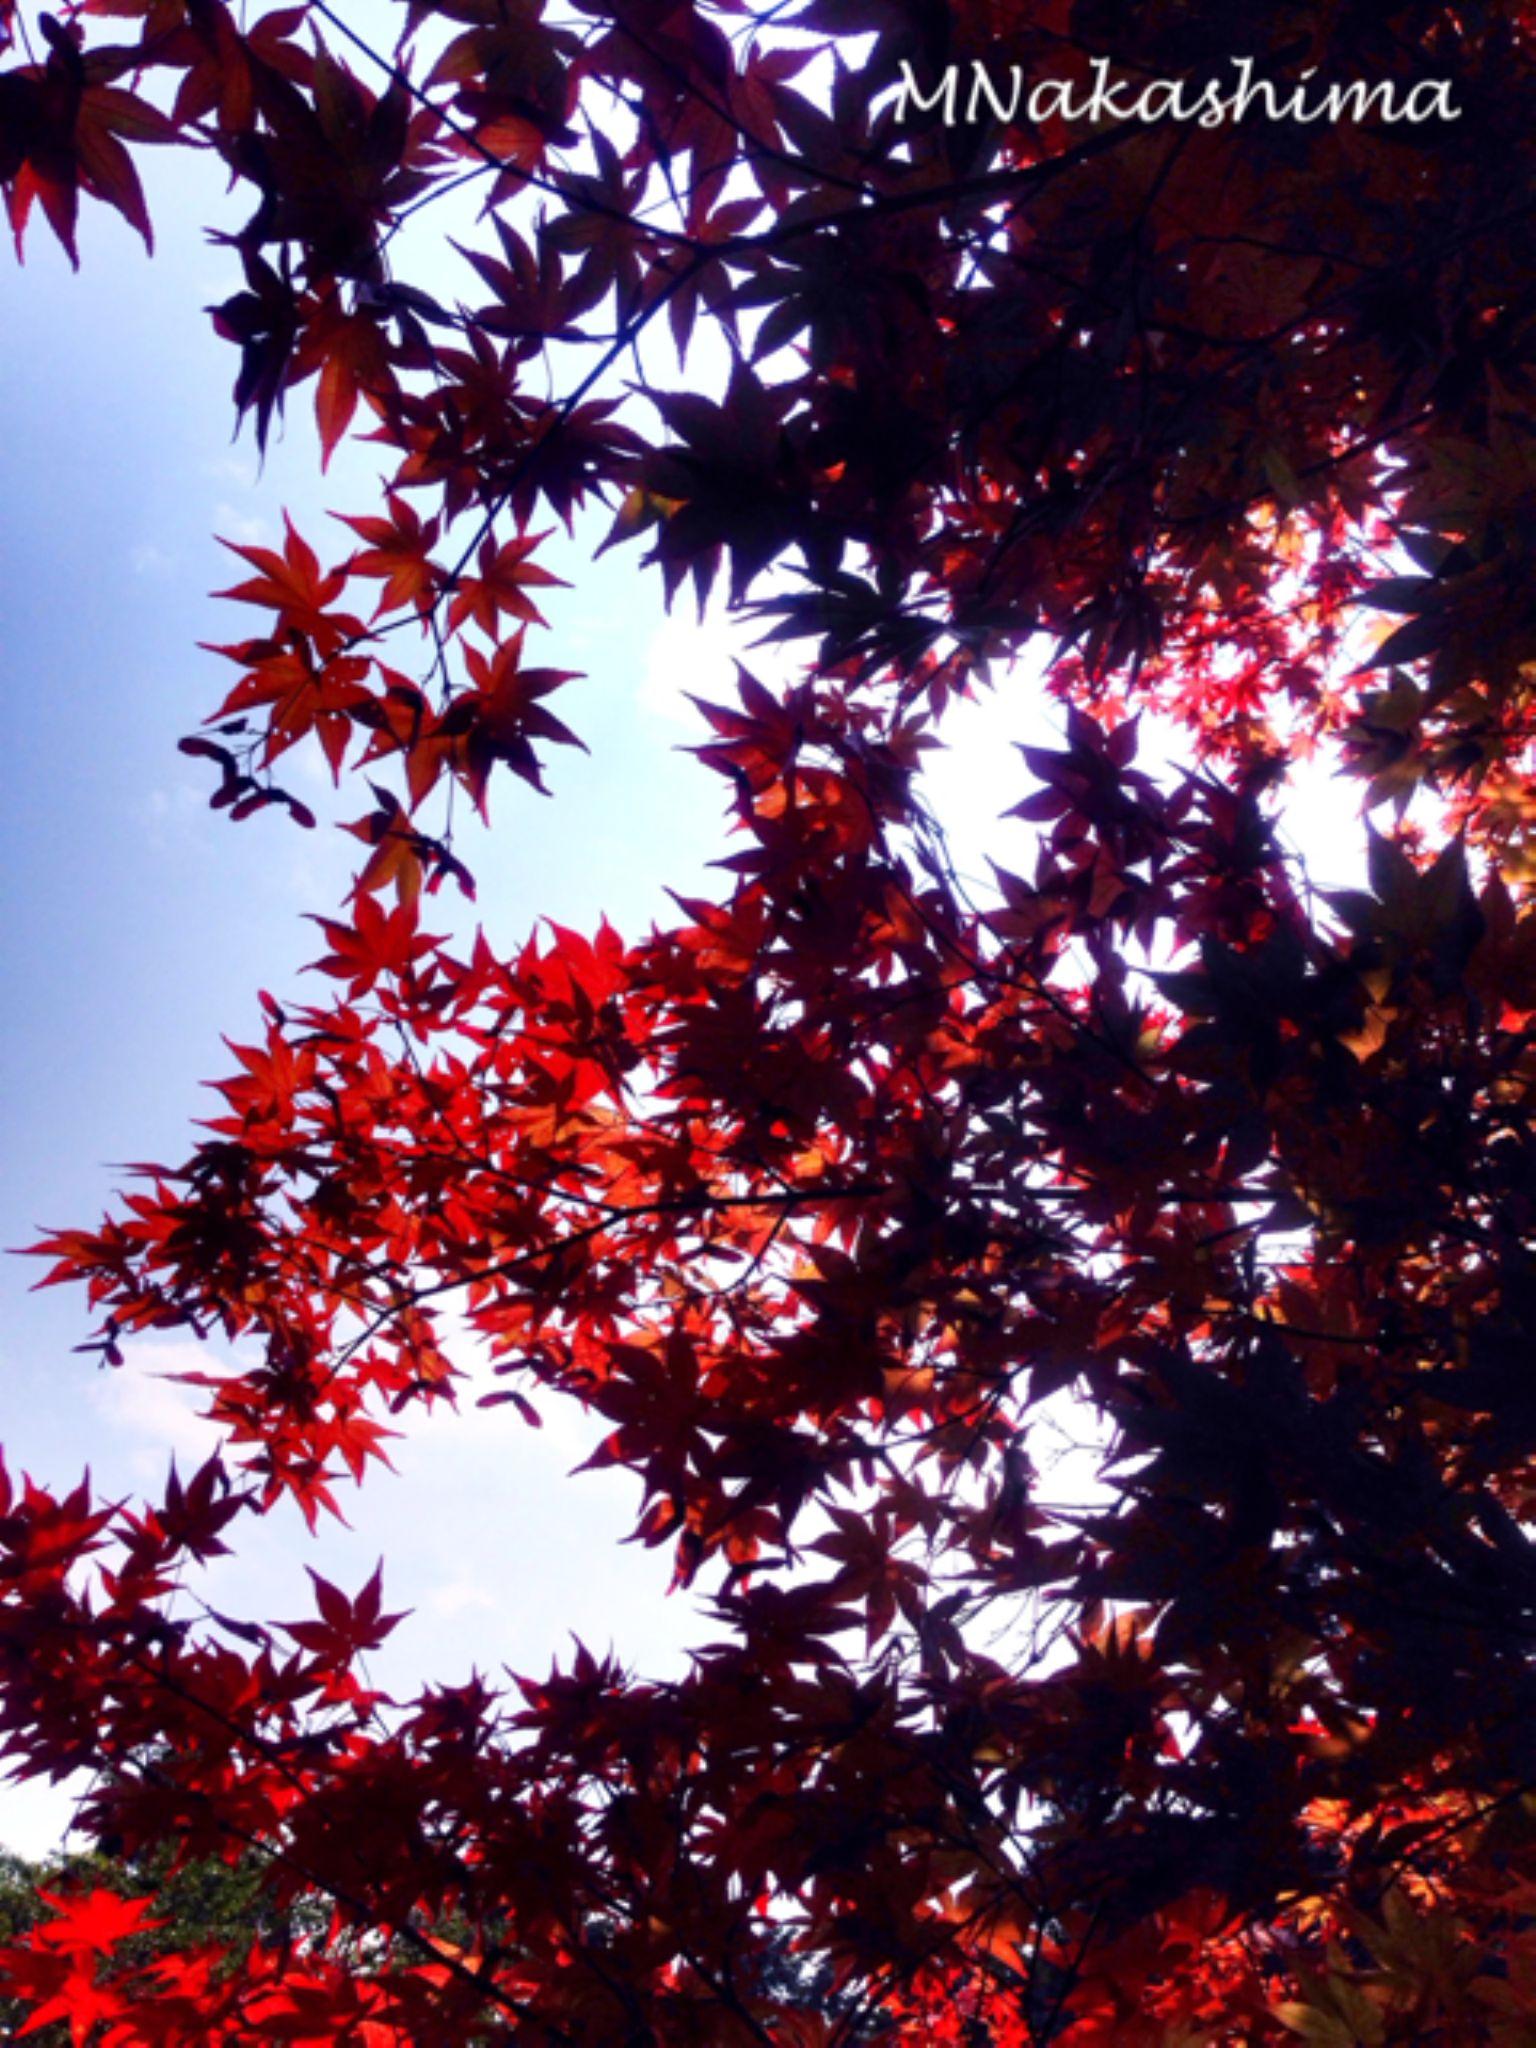 IMG_4568 by marina.nakashima